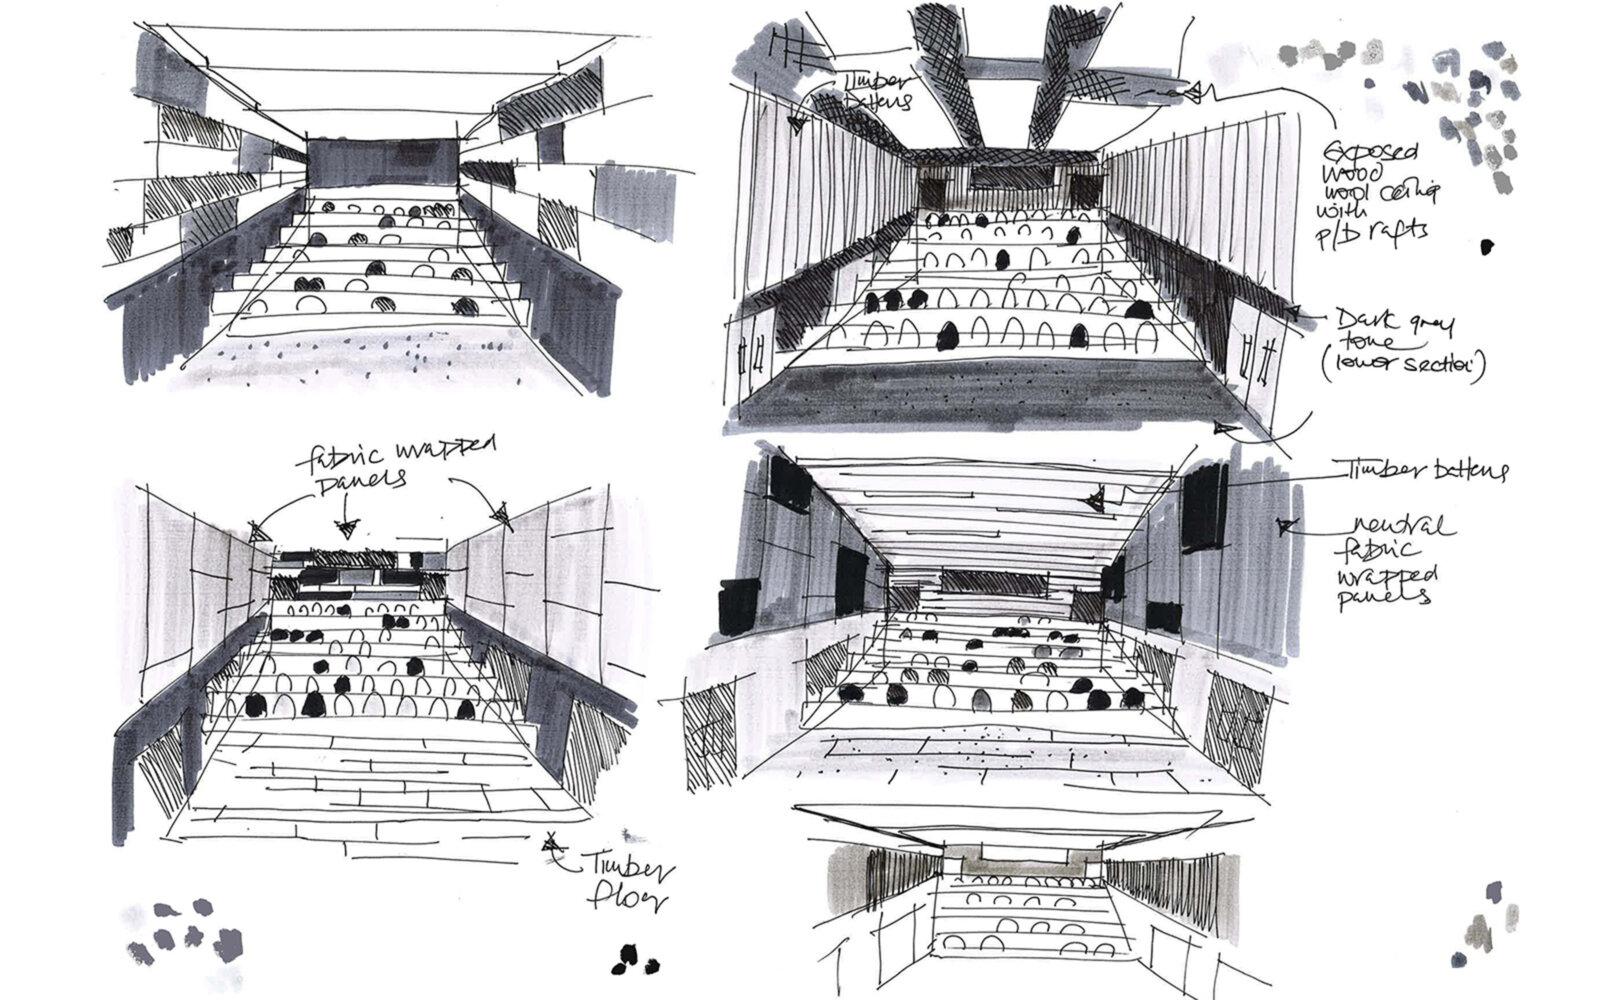 Heriot-Watt University James Watt Centre lecture theatre concept sketches